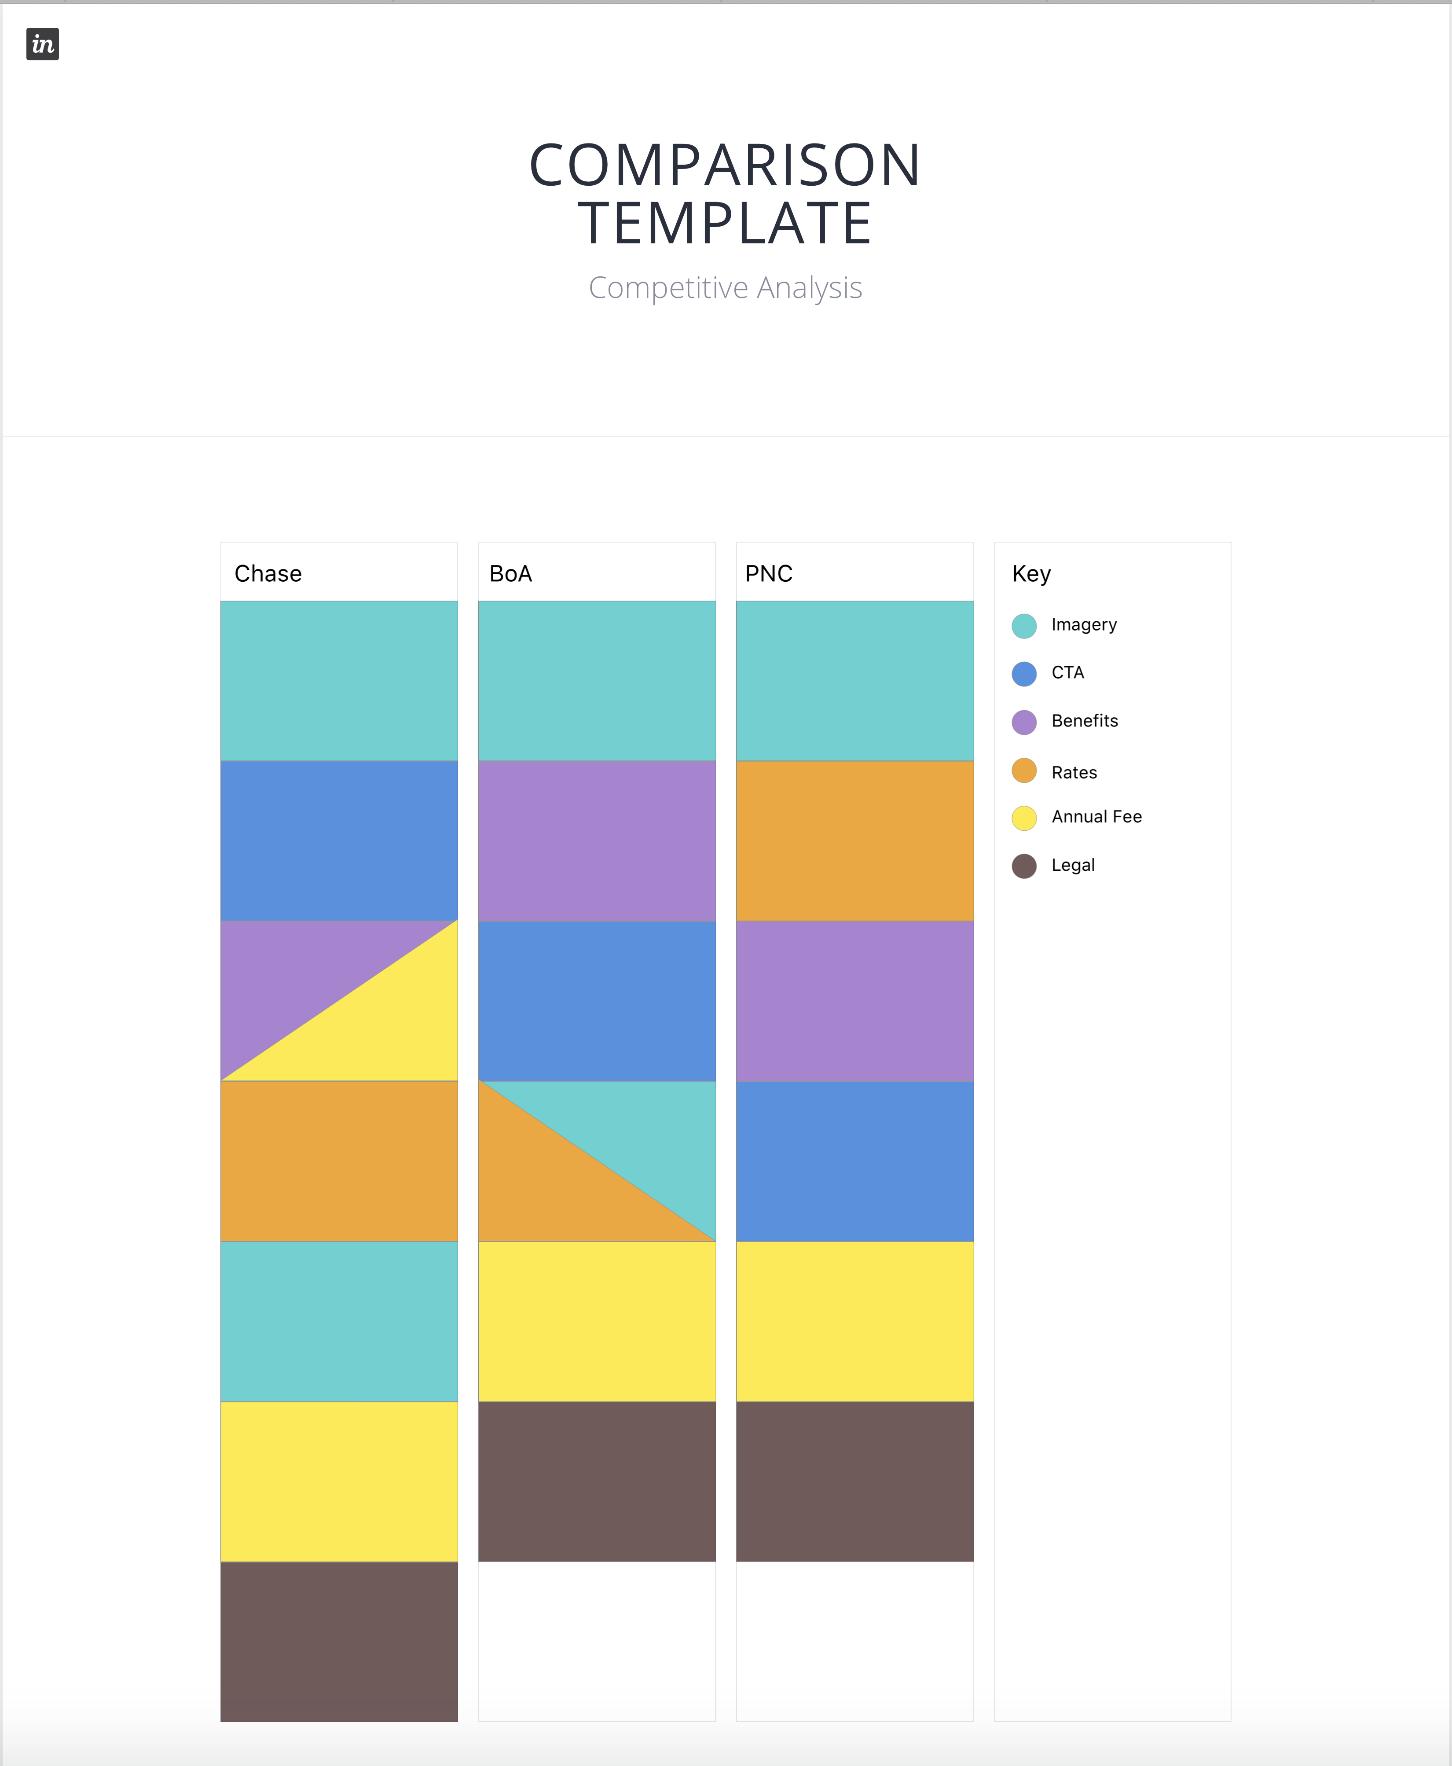 InVision board for comparing different competitors' comparison templates.